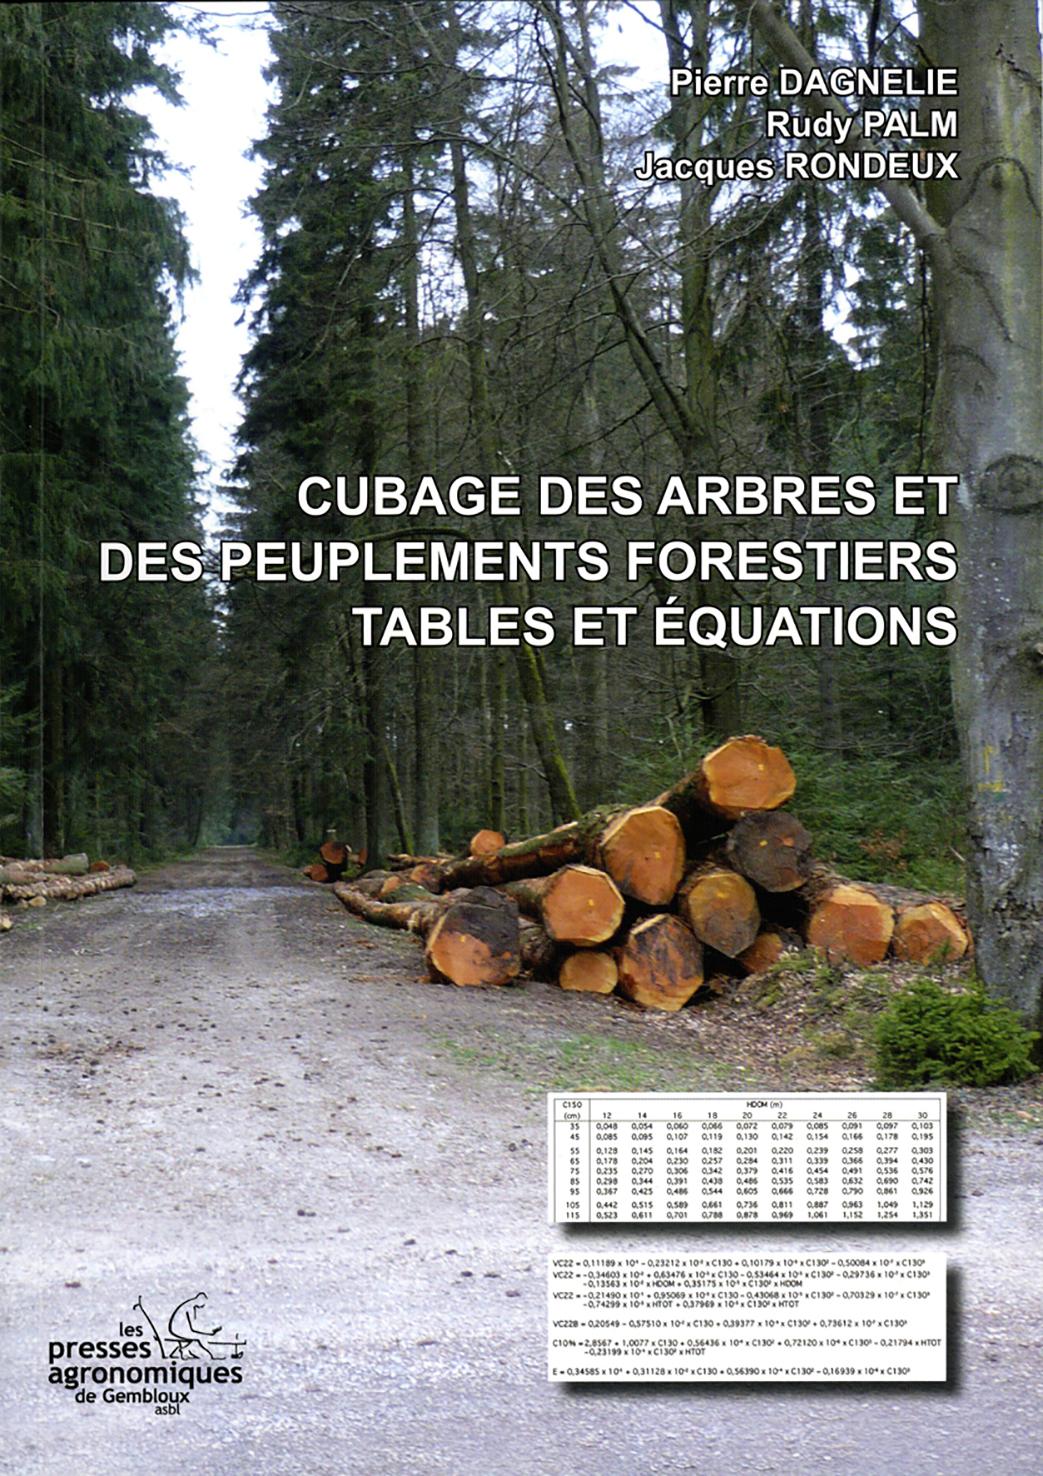 CUBAGE DES ARBRES ET DES PEUPLEMENTS FORESTIERS. TABLES ET EQUATIONS